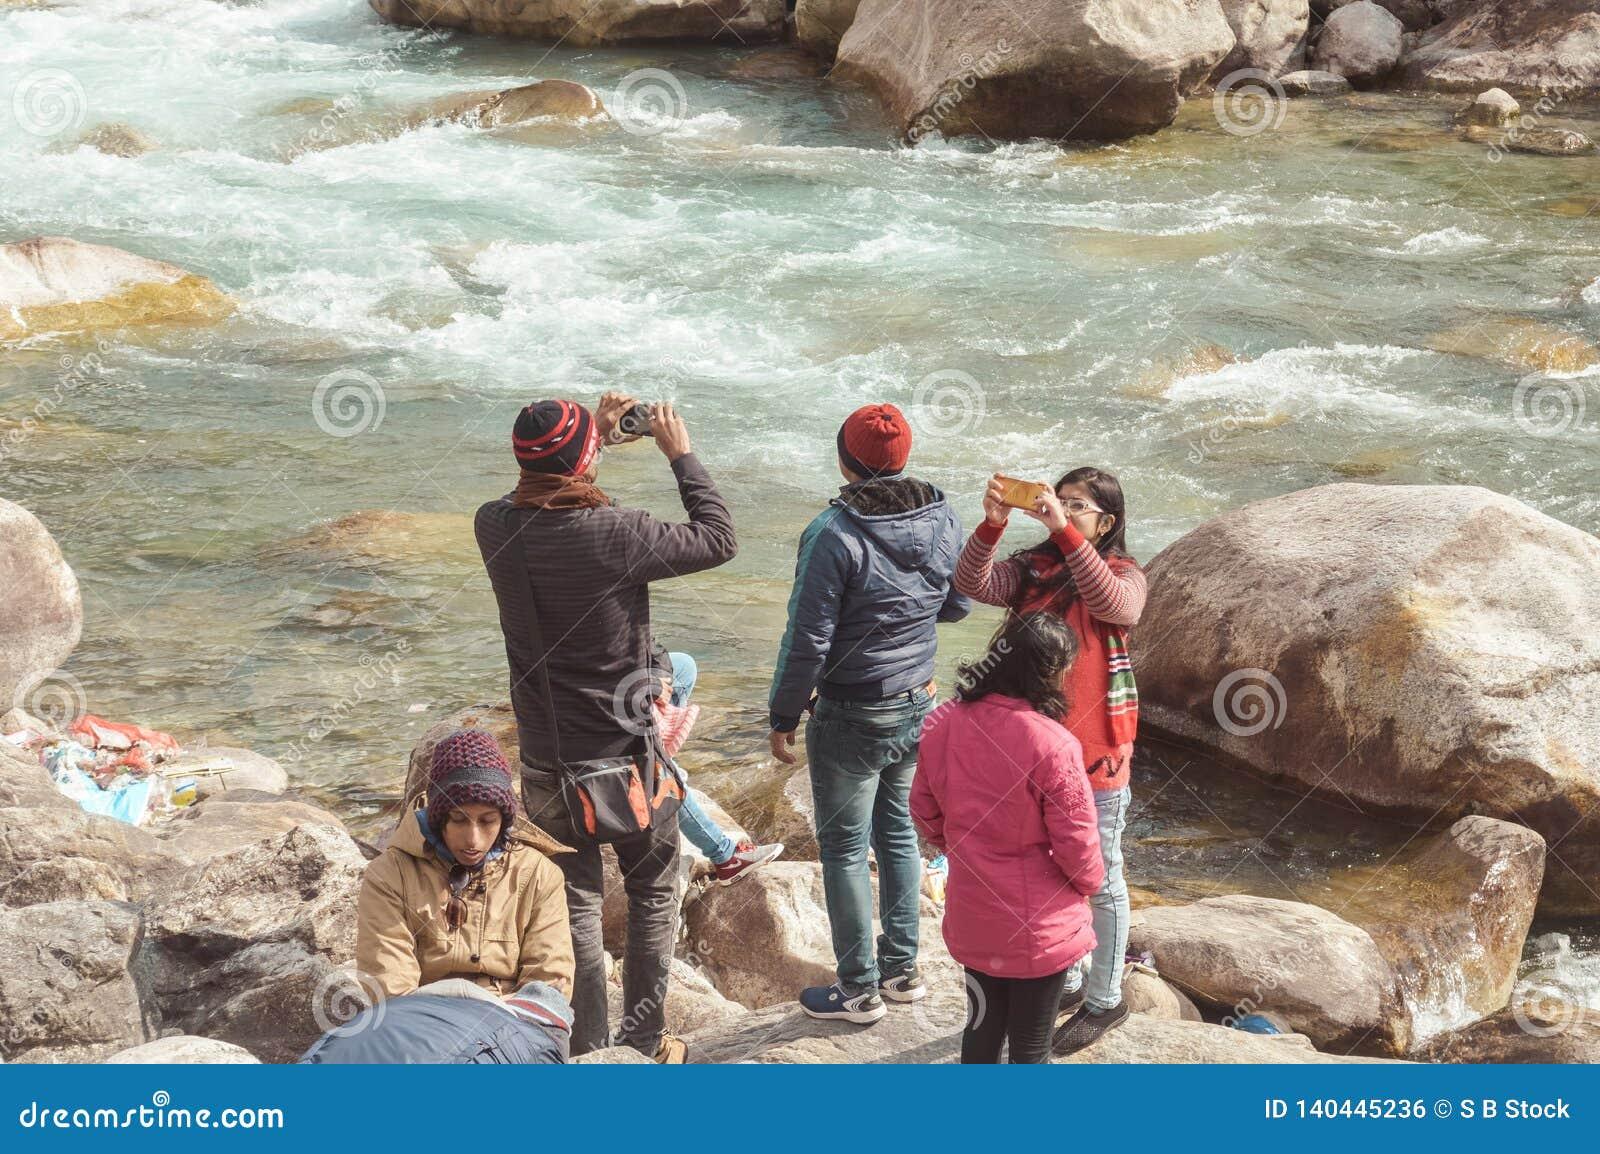 Teesta rzeki przód, Yumthang dolina, Styczeń 1 2019: Turystyczni ludzie bierze selfie zbyt zamkniętemu rzeka po niedawnej wiadomo